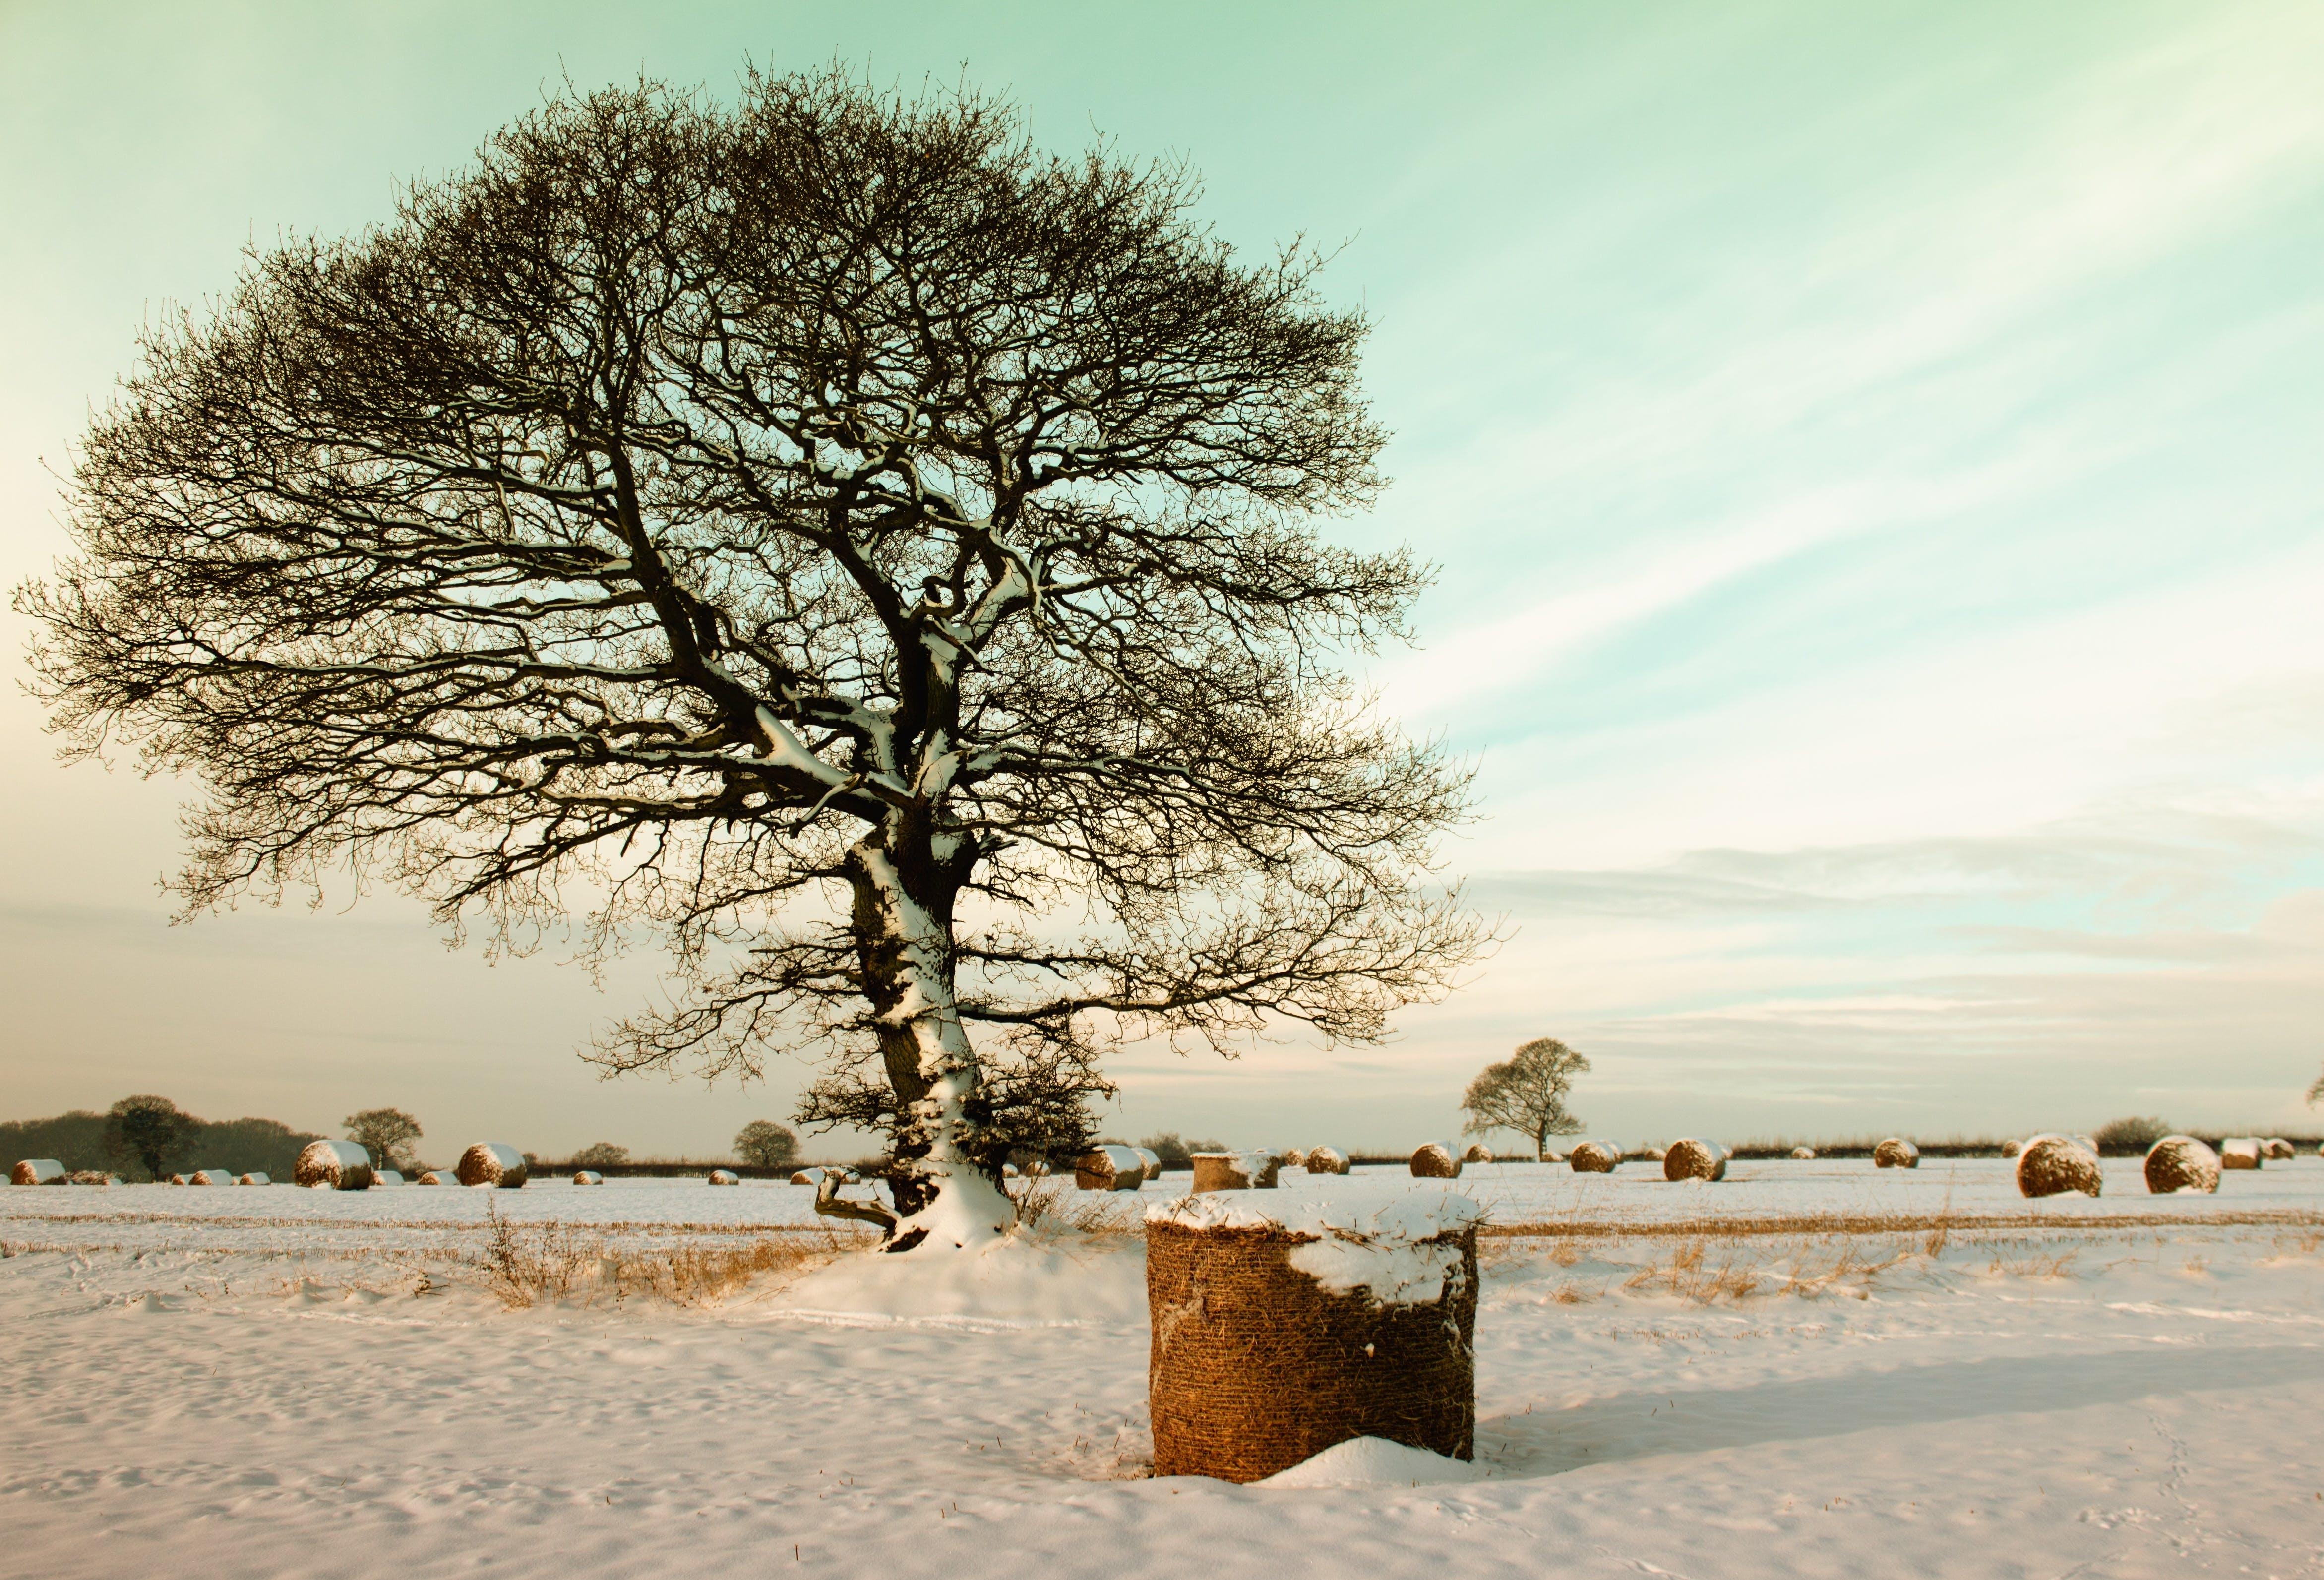 下雪的, 乾草, 冬季, 冬季景觀 的 免费素材照片